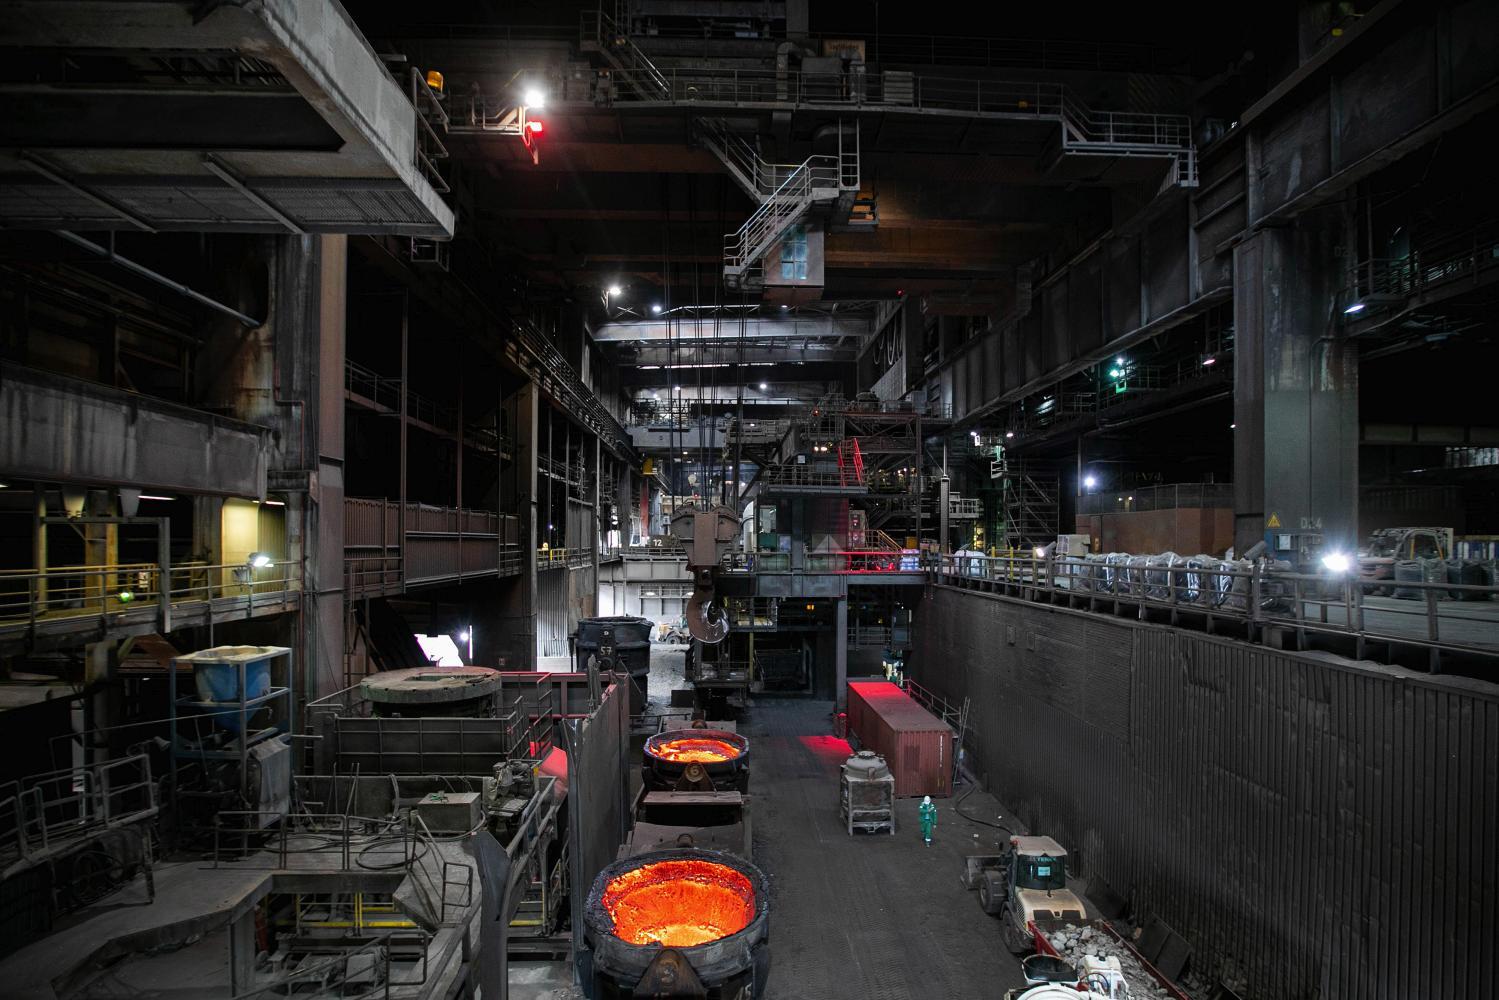 Giá thép xây dựng hôm nay 24/9: Giá thép thanh bất ngờ giảm trở lại - Ảnh 2.